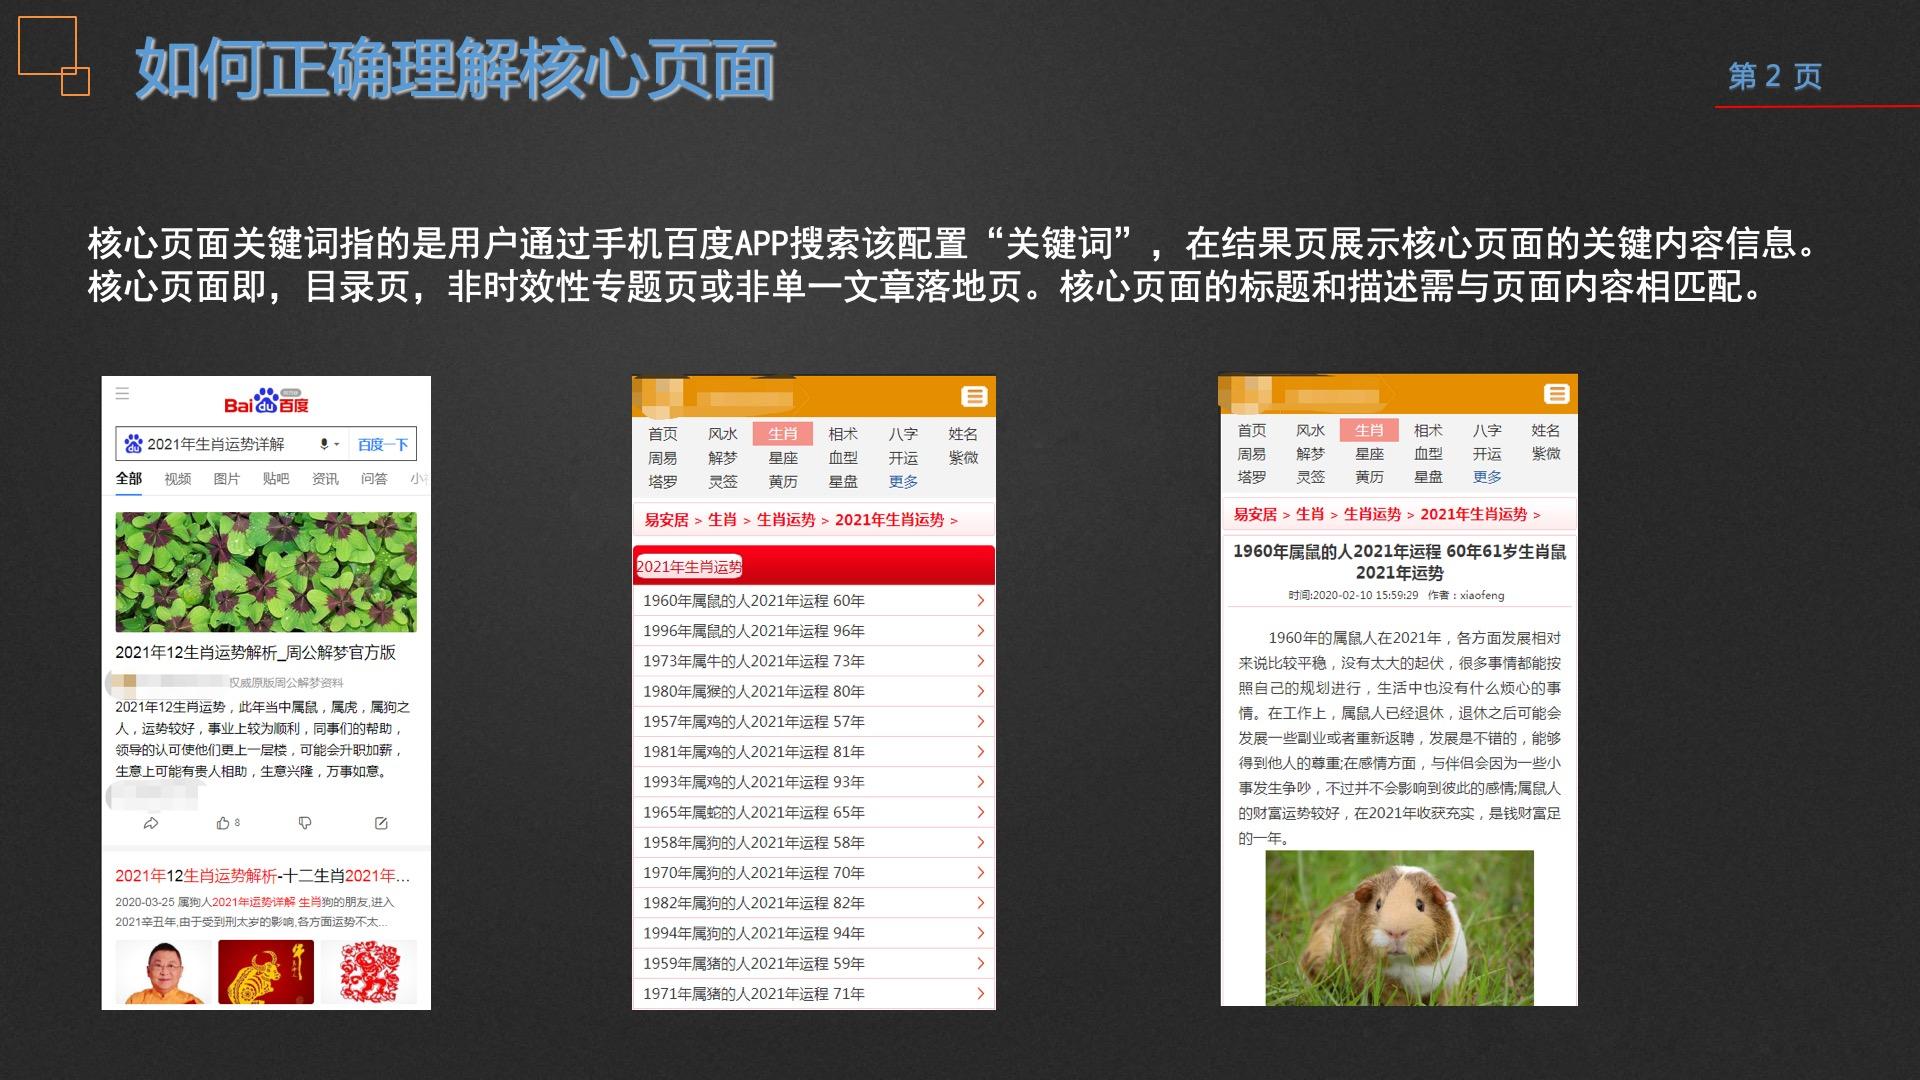 开发者大咖说-核心页面关键词设计与经验分享  开发者 大咖 核心页面 关键词设计 第2张